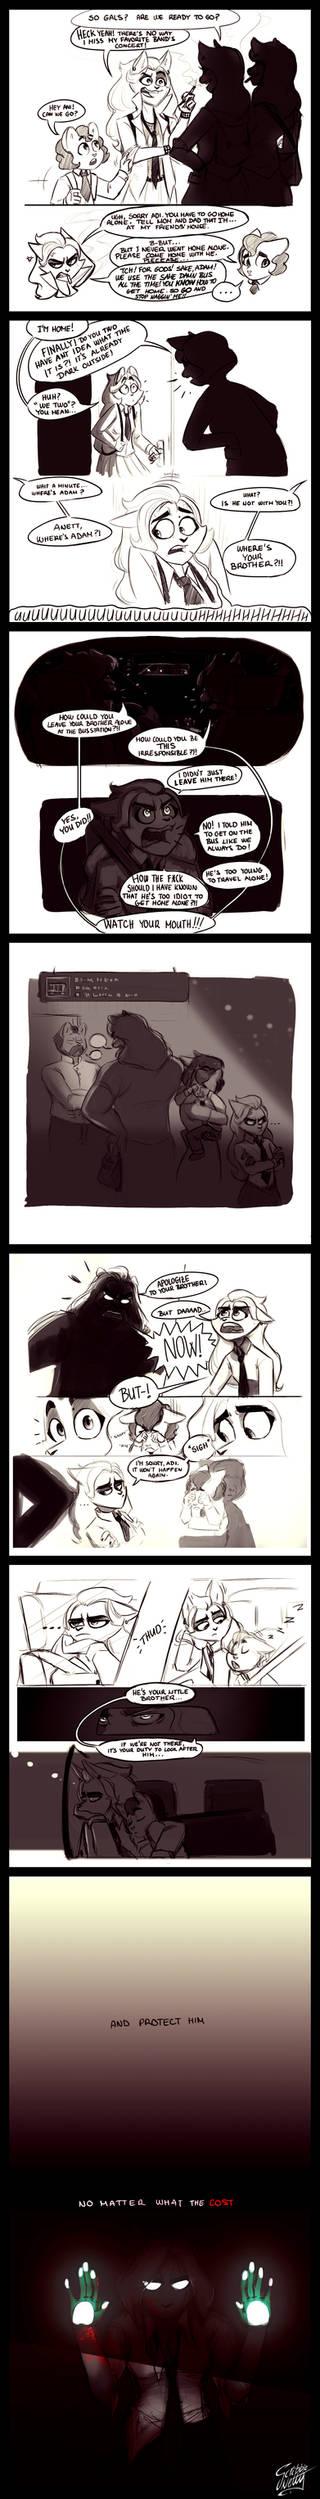 Siblings - (Comic Teaser)